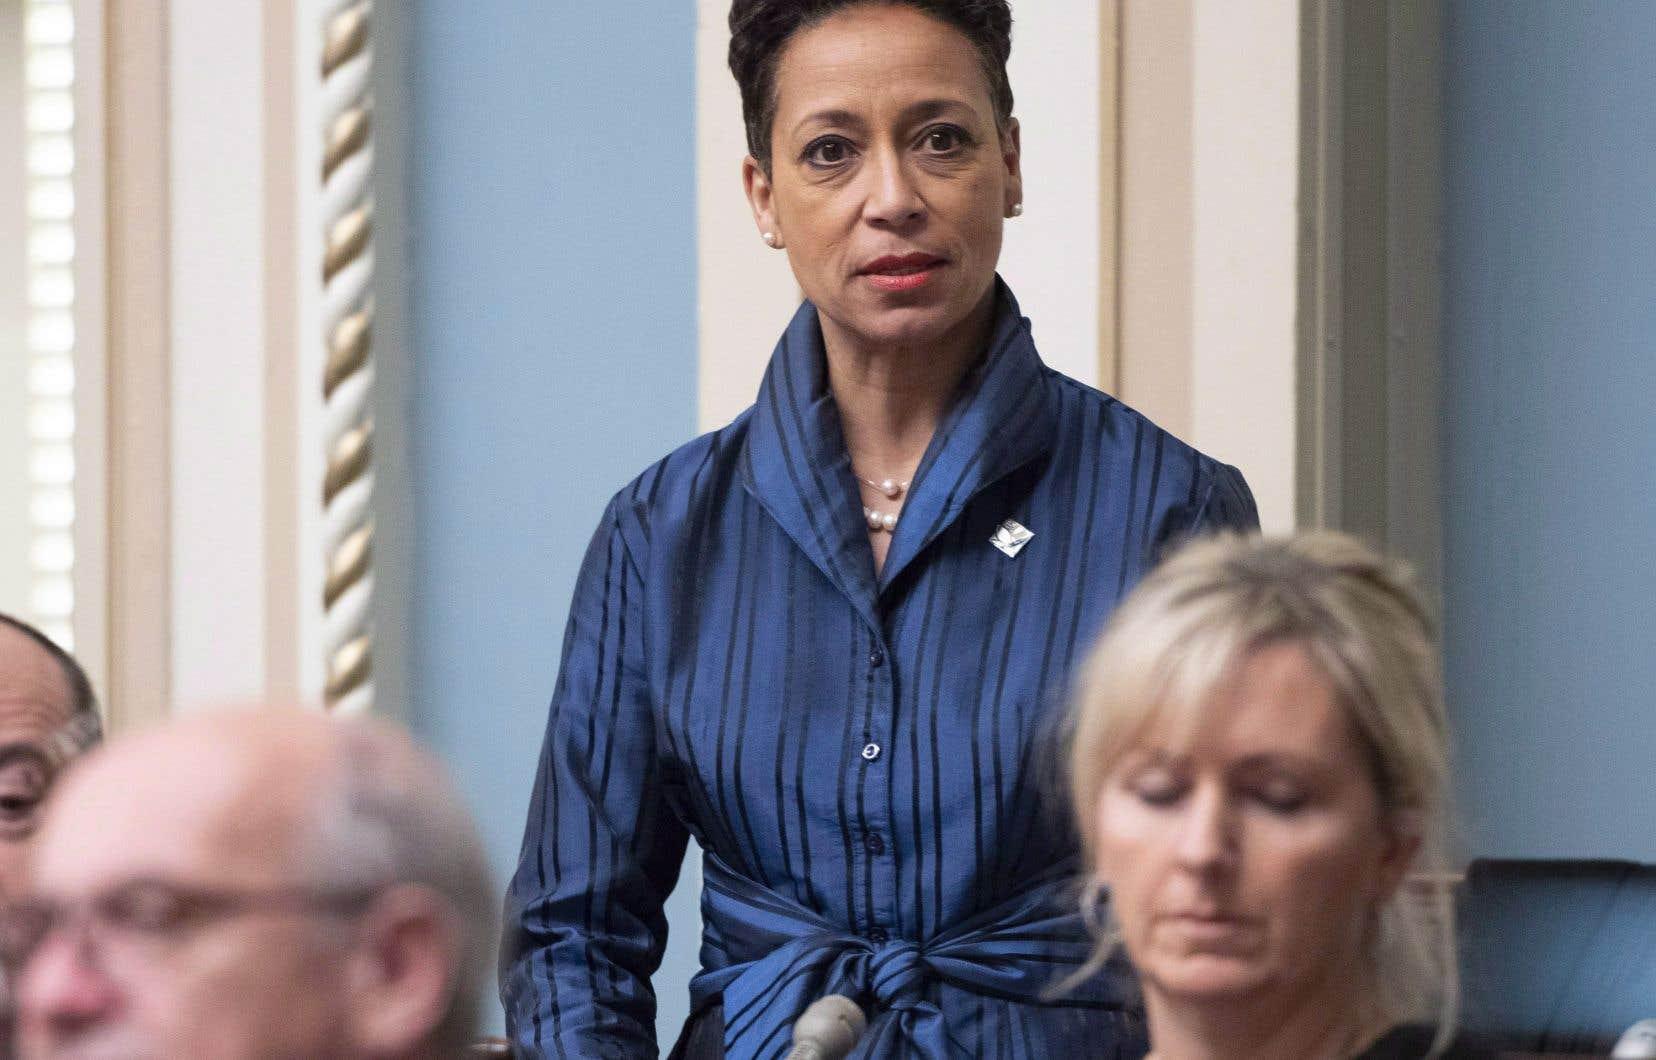 La diplomatie québécoise doit prendre «un virage plus économique», a insisté MmeGirault.